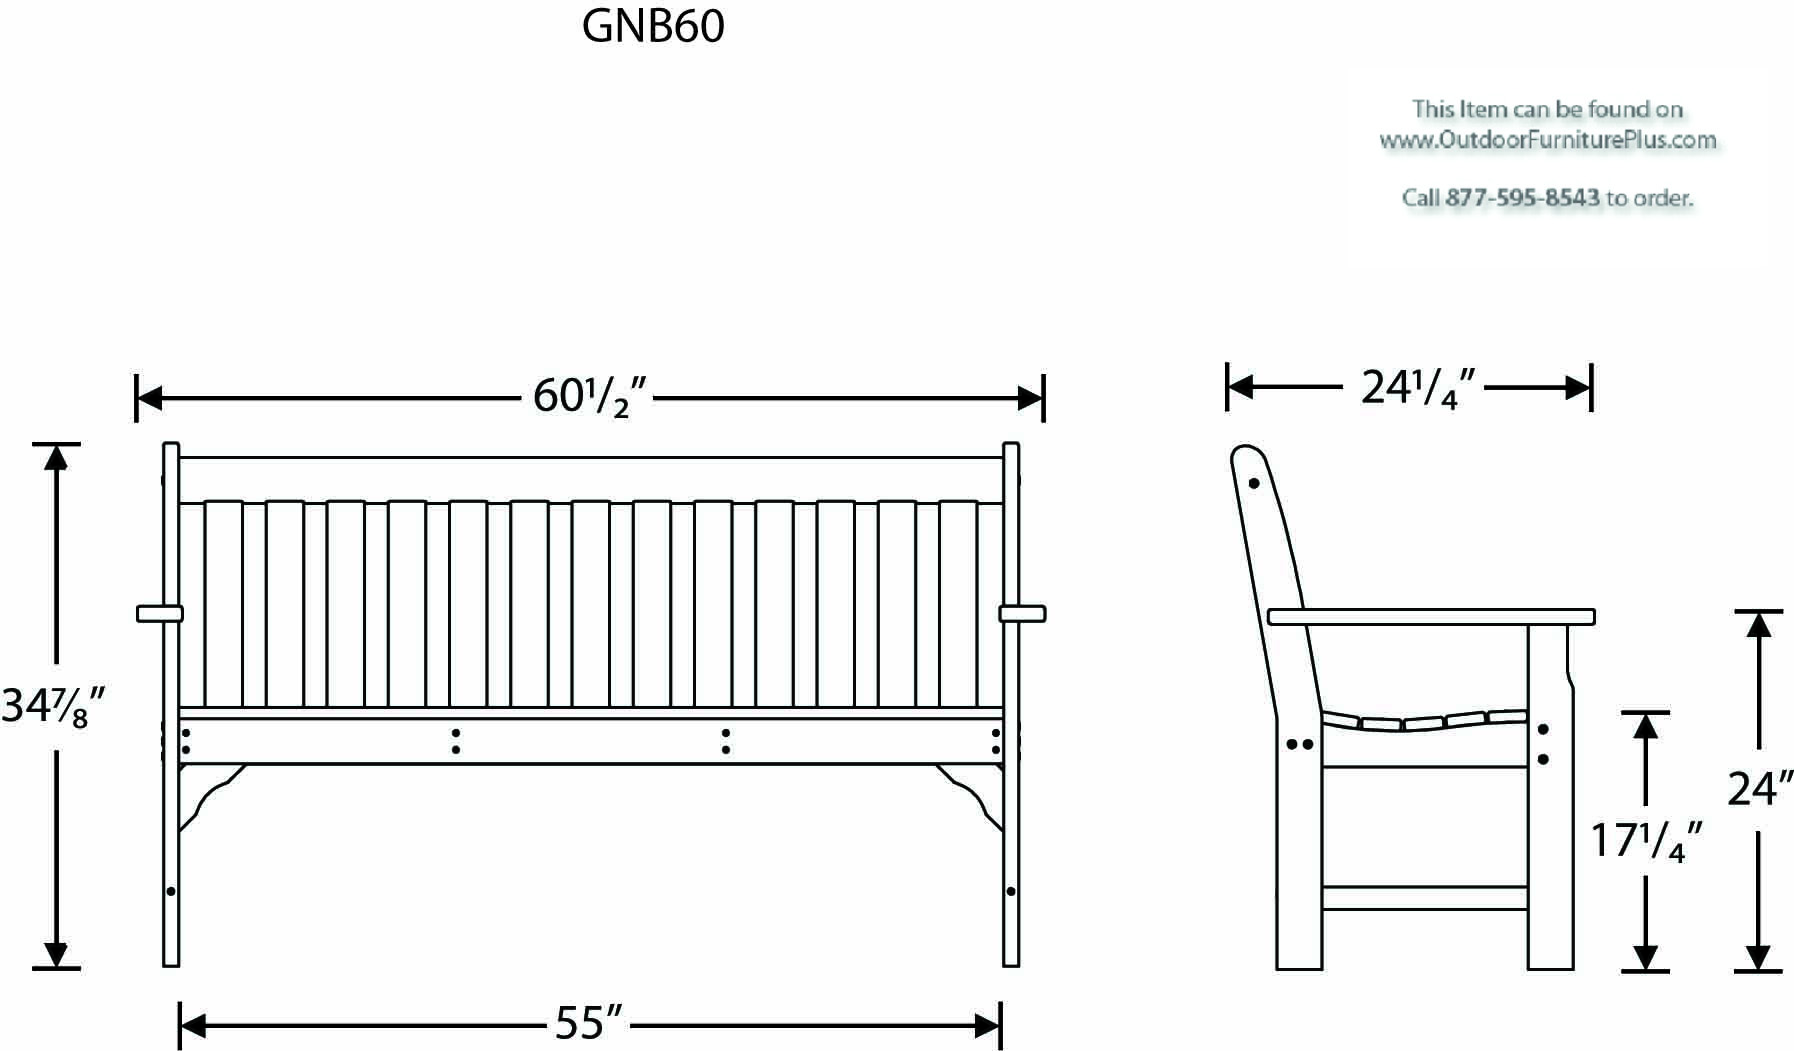 Polywood Vineyard 60 Bench Outdoorfurnitureplus